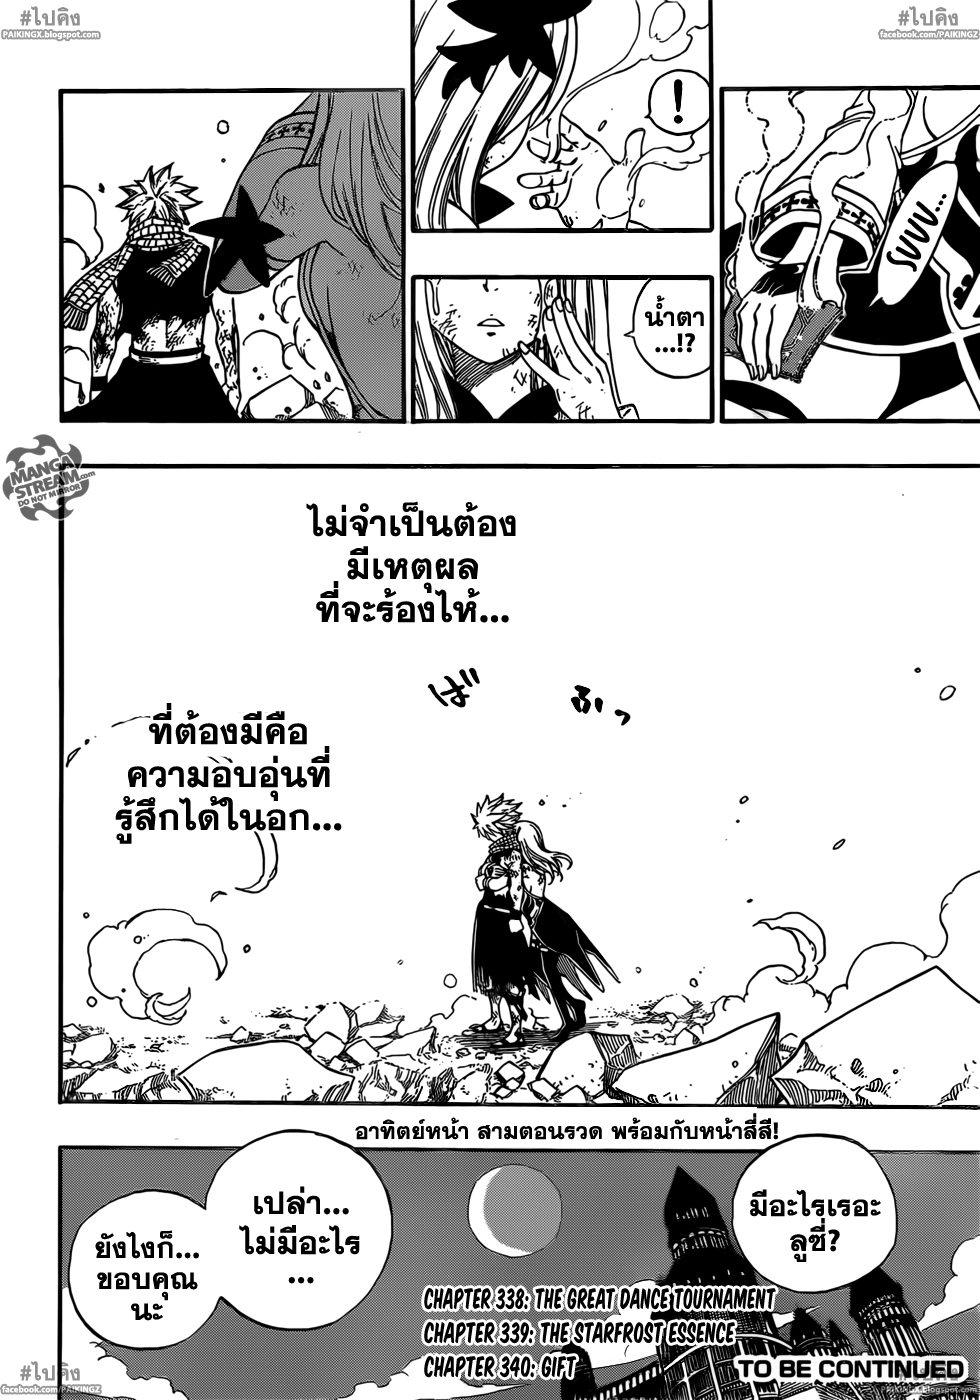 อ่านการ์ตูน Fairy-tail337 แปลไทย ทองอร่าม